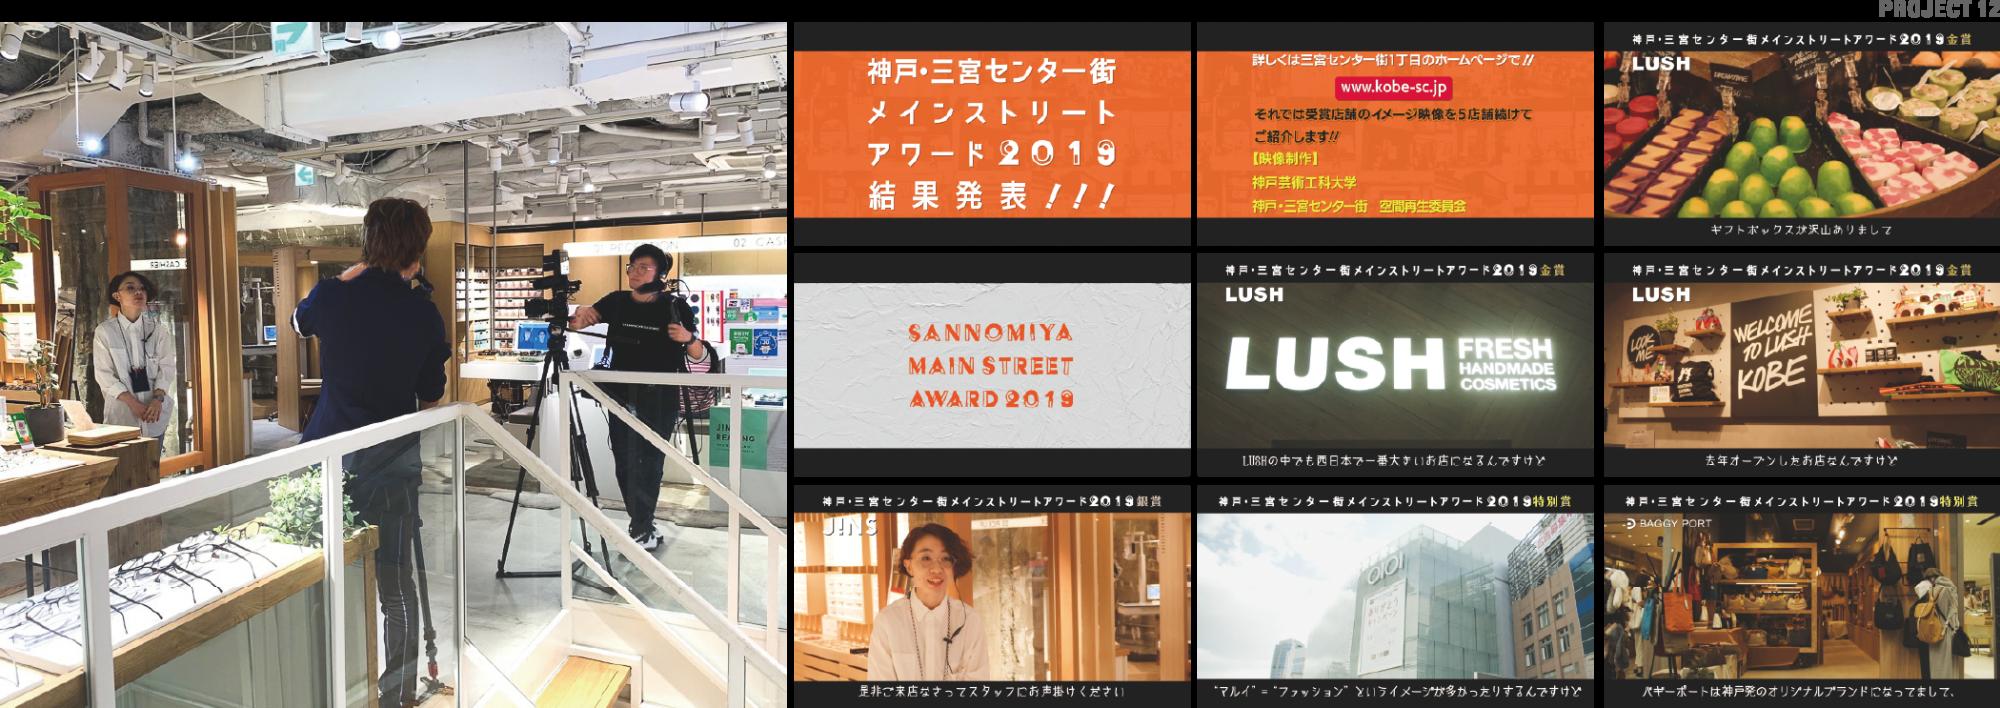 神戸・三宮メインストリートアワードにおける映像制作